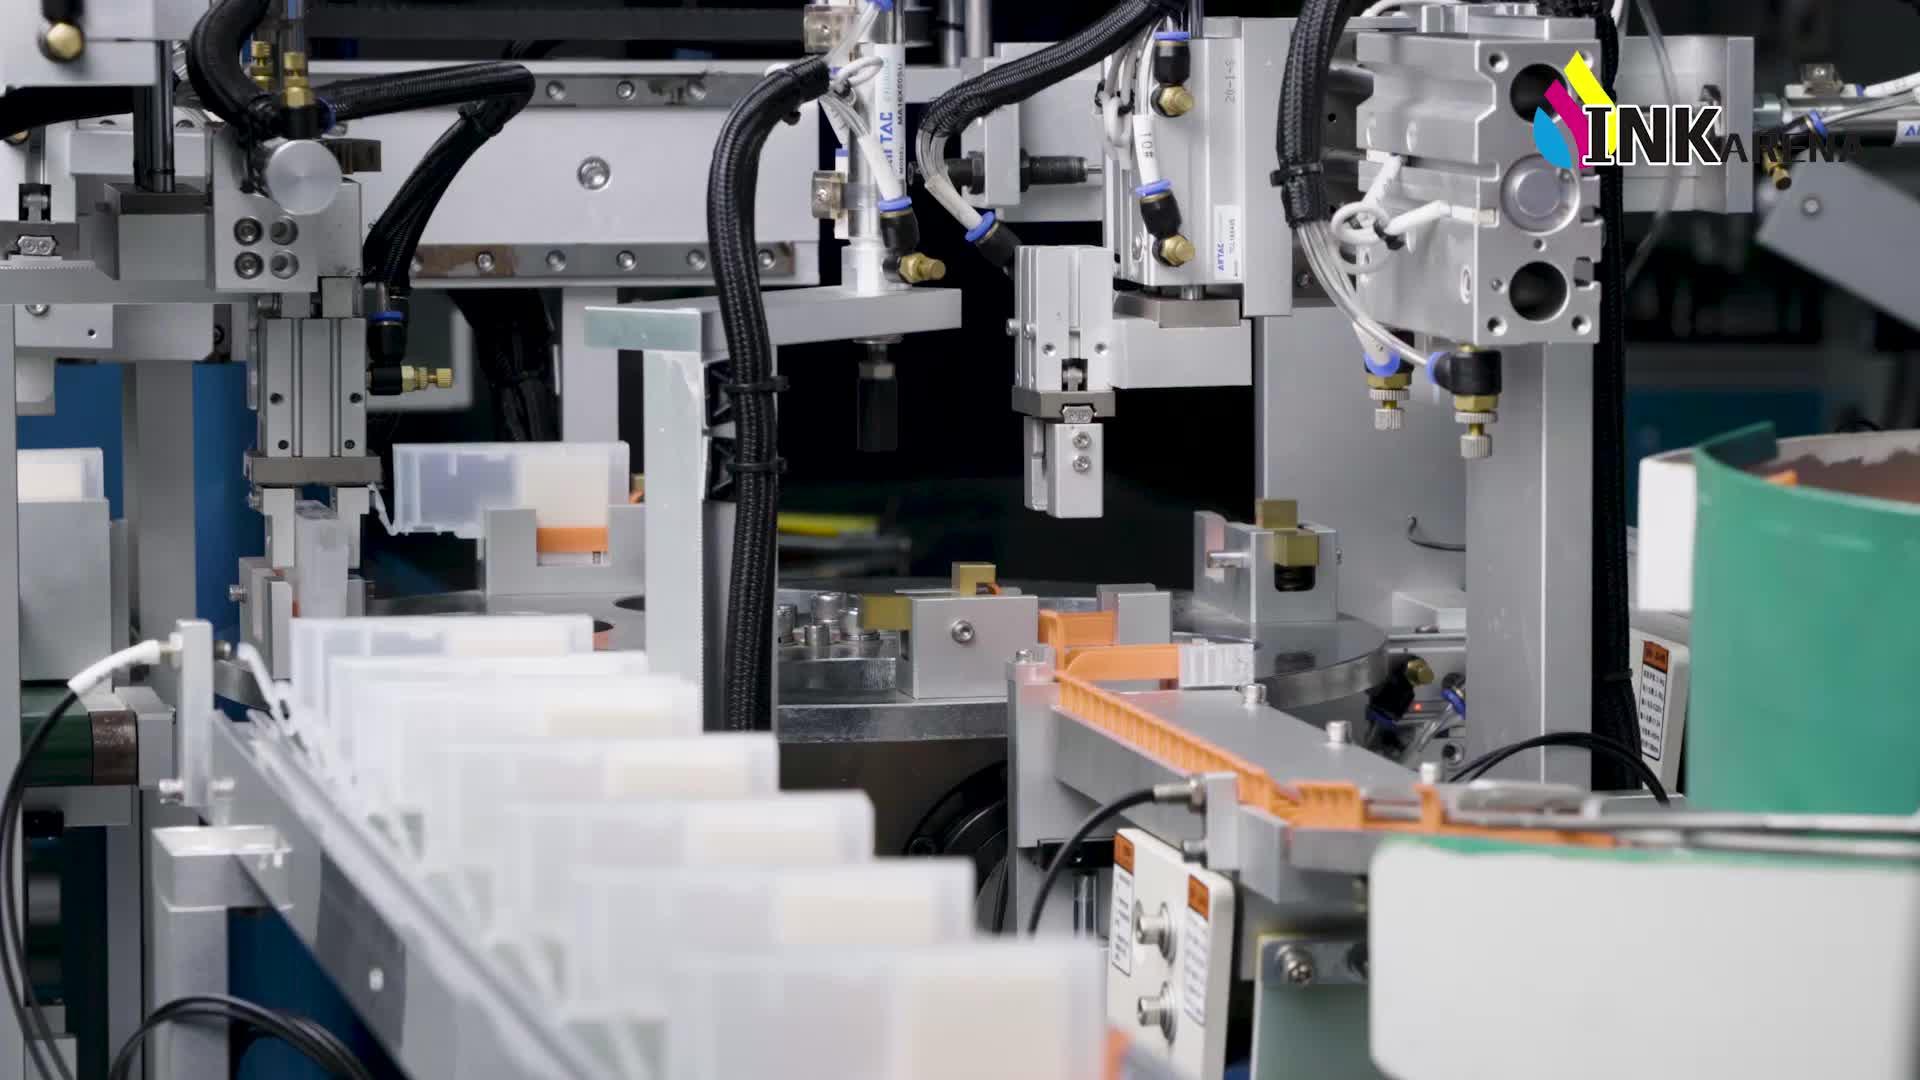 INKARENA inkt cartridge 940 XL 940XL voor HP OfficeJet PRO 8000 8500 8500A printers met chip en volledige dye inkt fabriek prijs